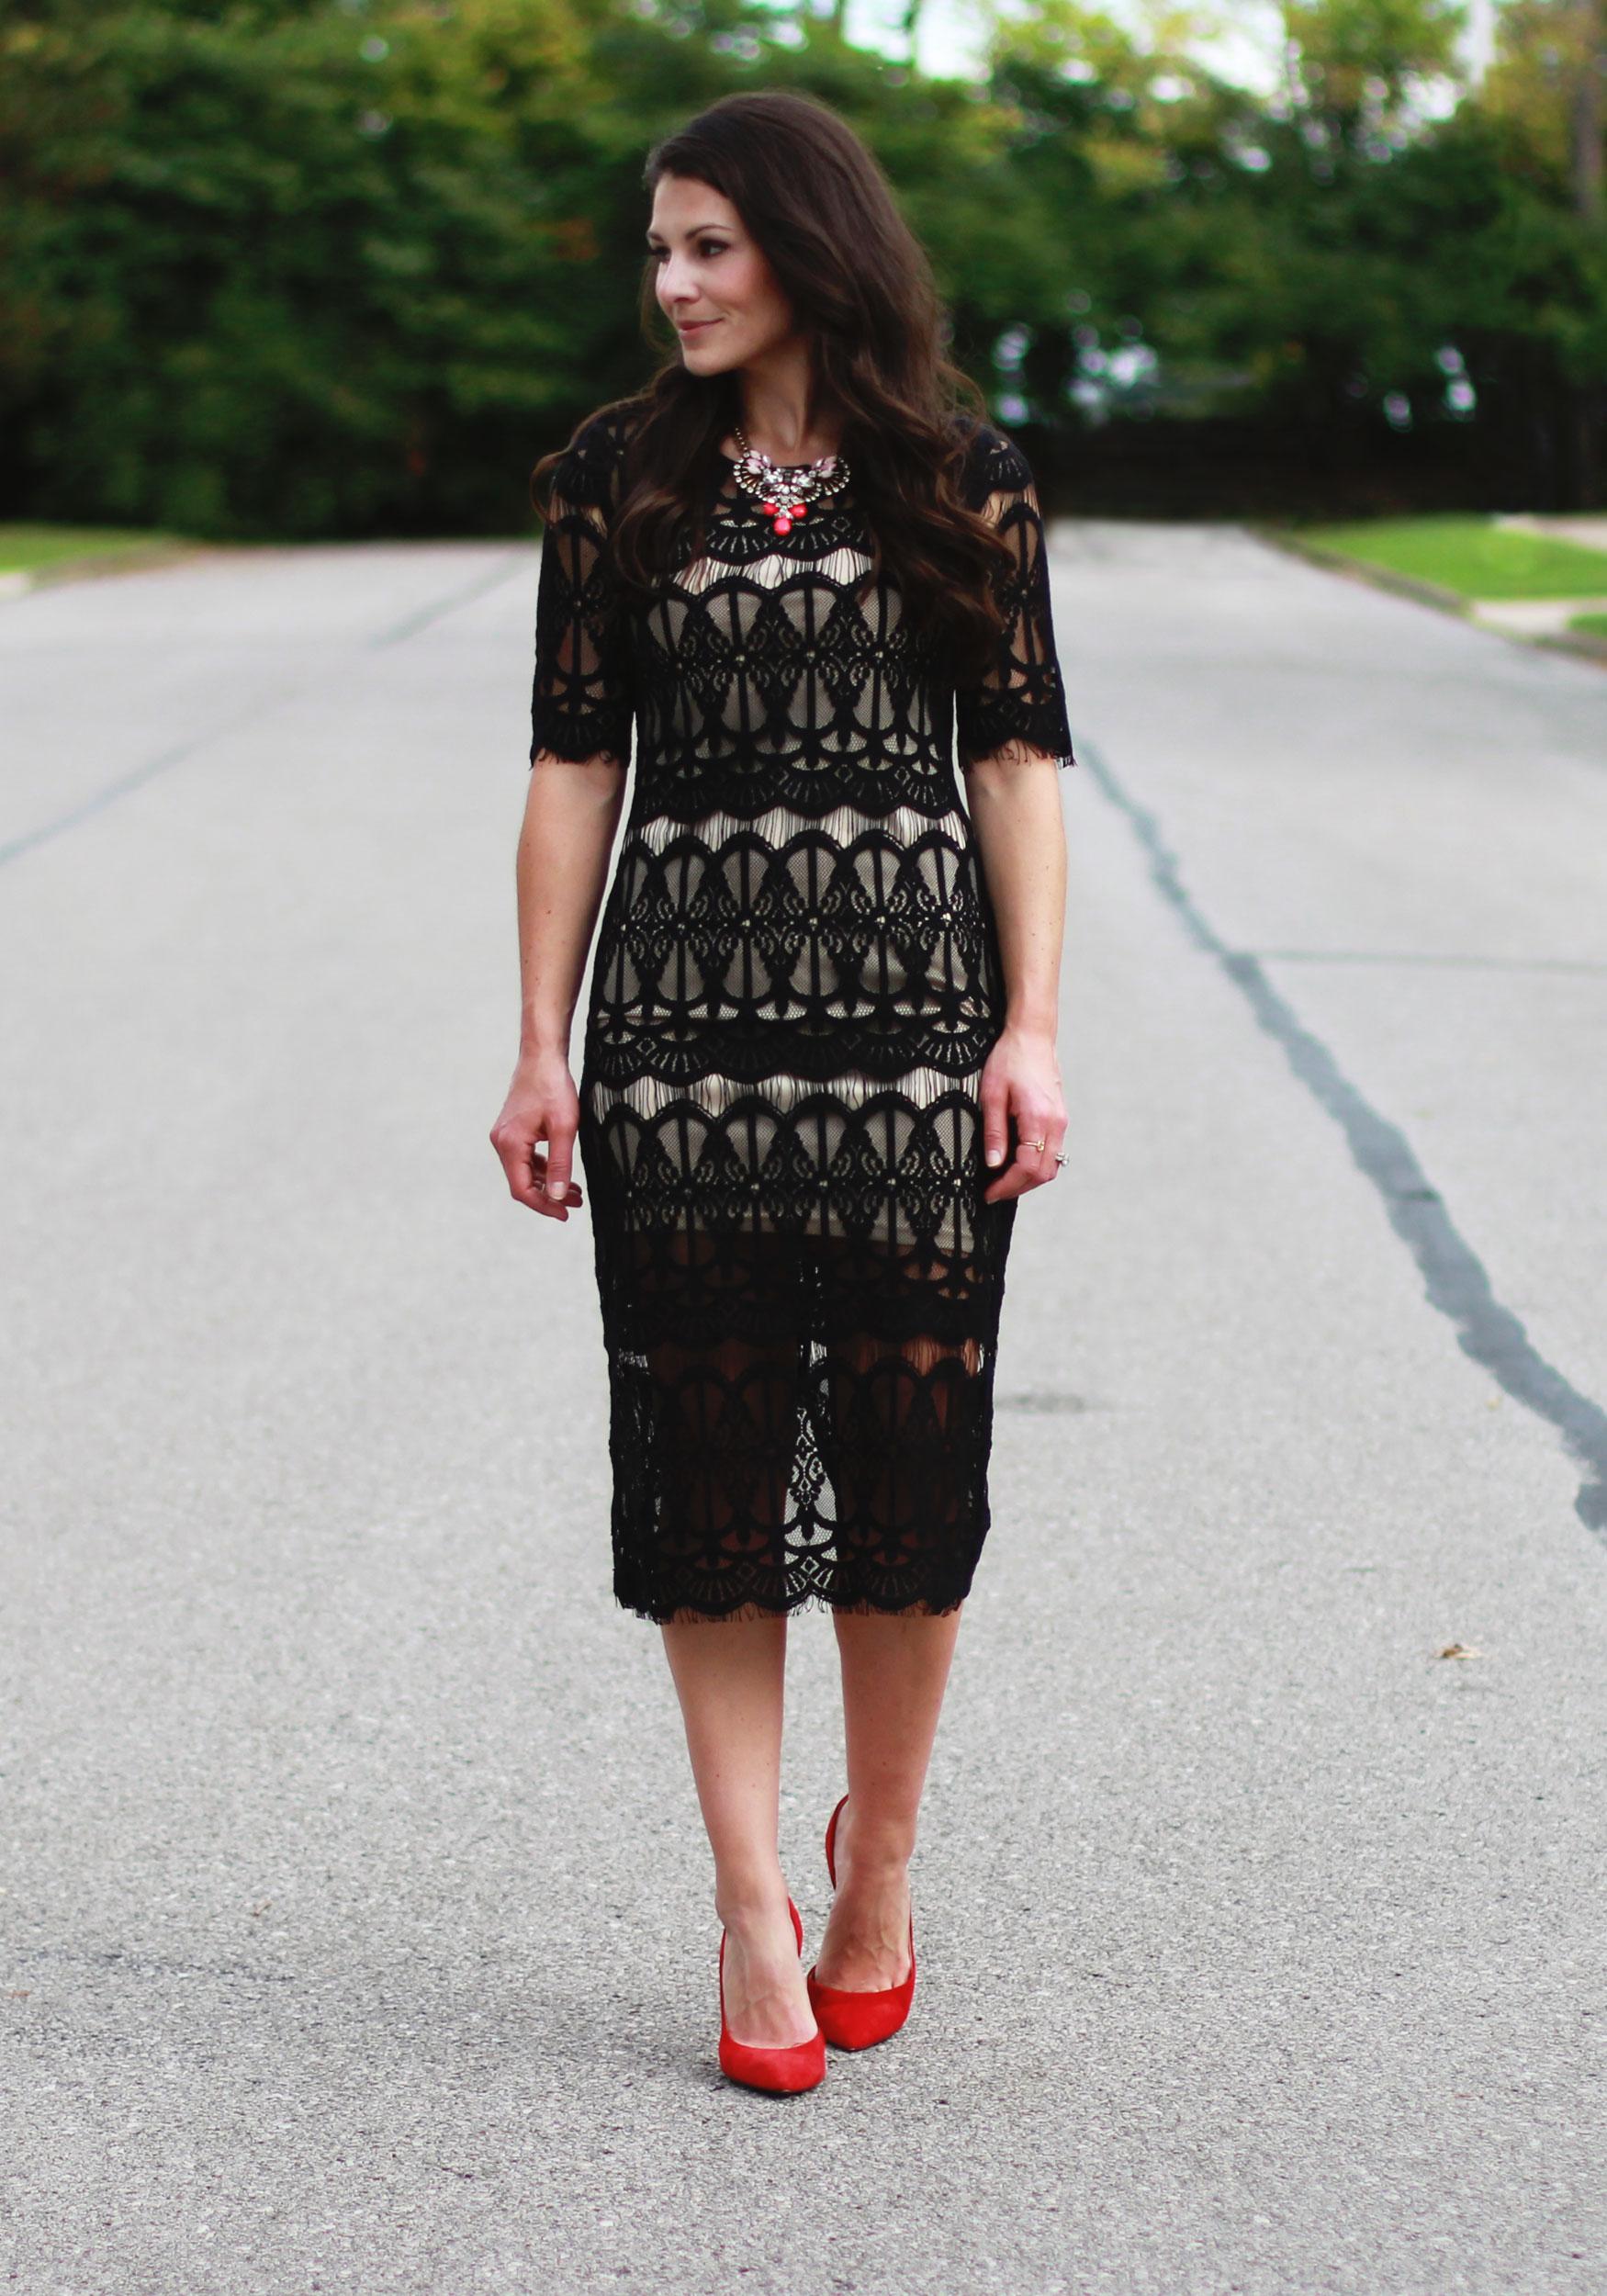 Fall Fashion, JOA Lace Body-Con Dress, Wedding Guest Attire, Statement Necklace, Midi Dress, Jessica Simpson Claudette Pumps